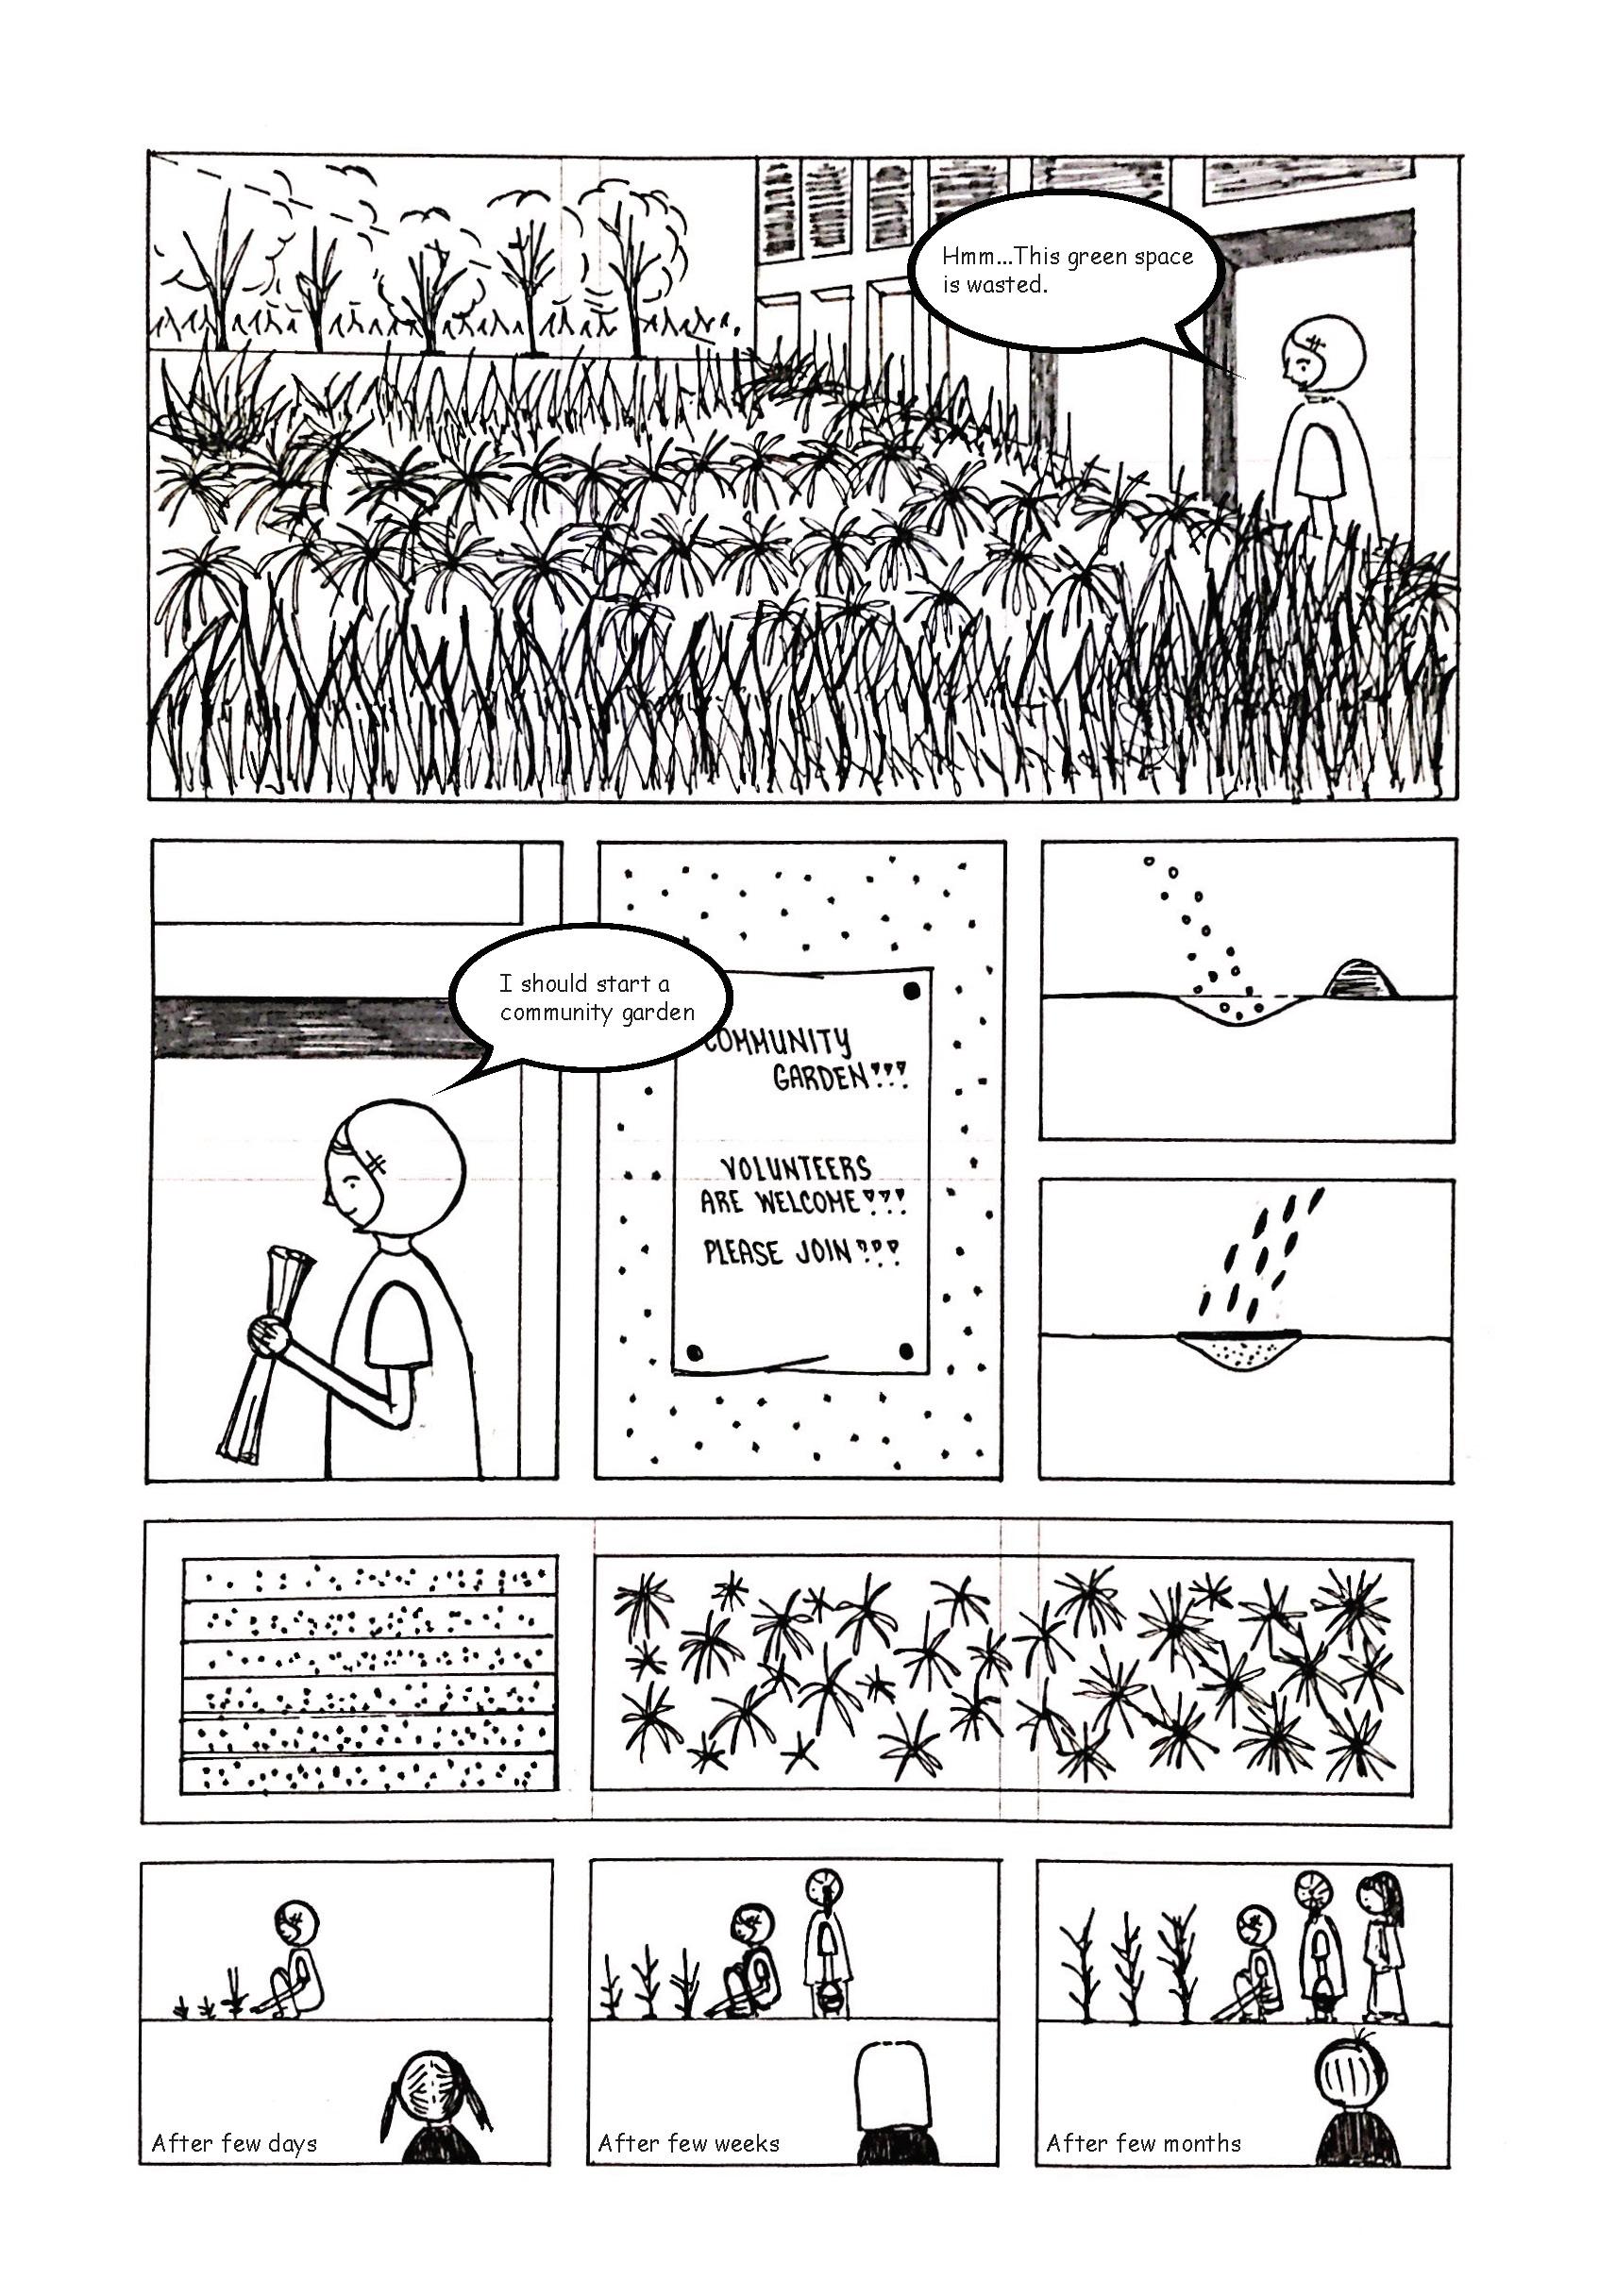 Hyosoo Lee_Week 4 Comic Scans_Page_1.jpg